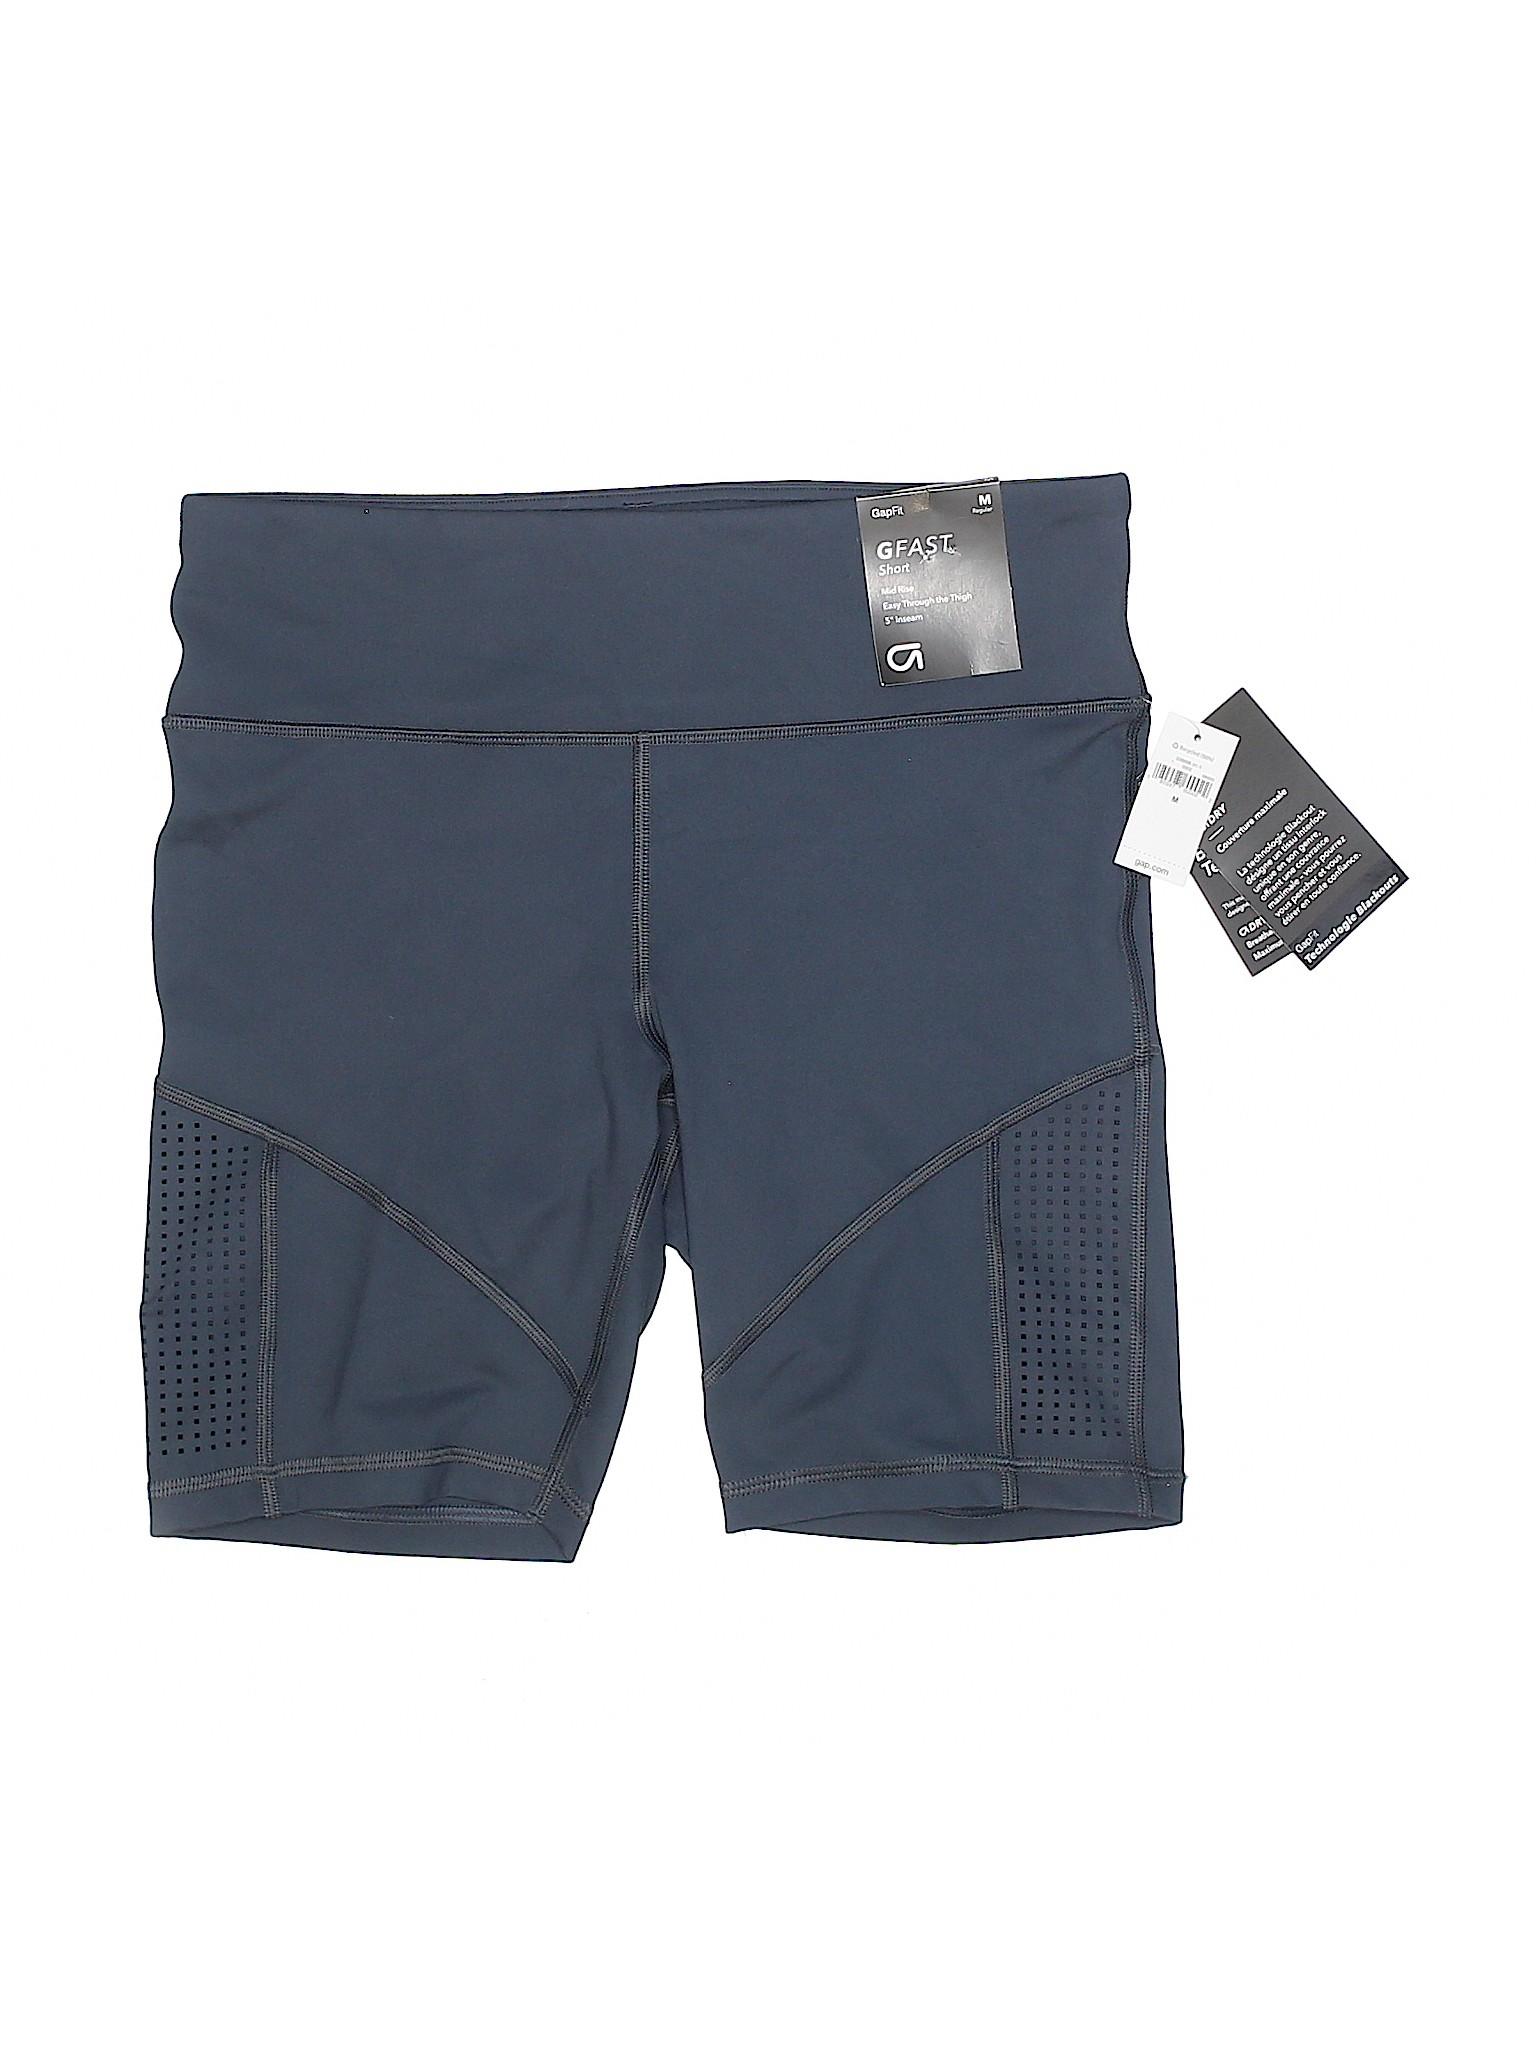 Boutique Gap Shorts Athletic Gap Fit Boutique 4xdw0HTqE